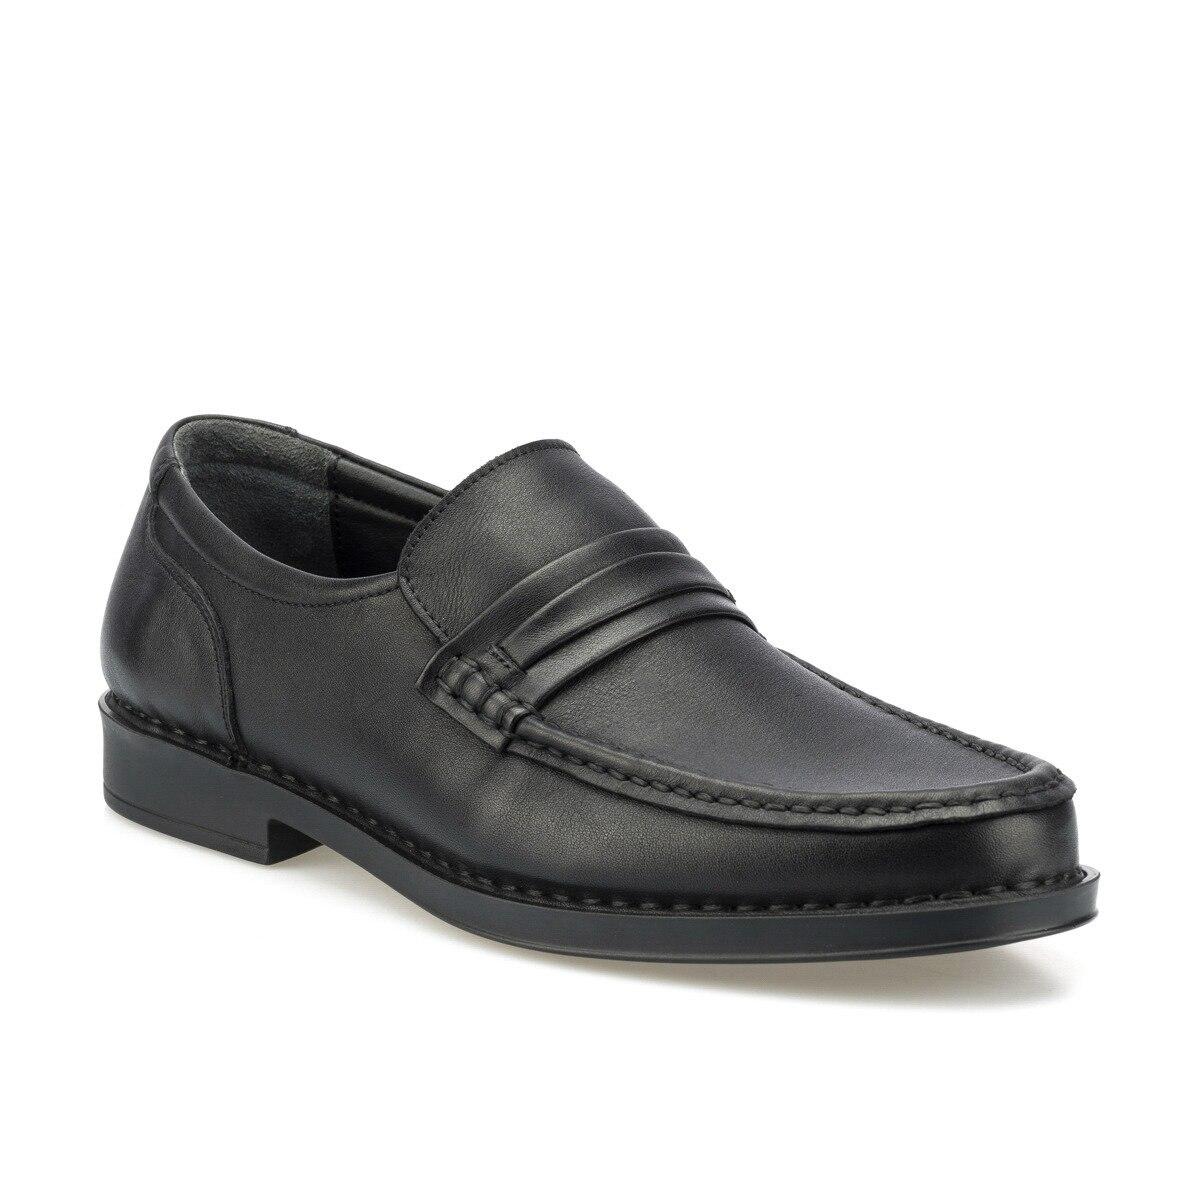 FLO 102024.M Black Men 'S Classic Shoes Polaris 5 Point